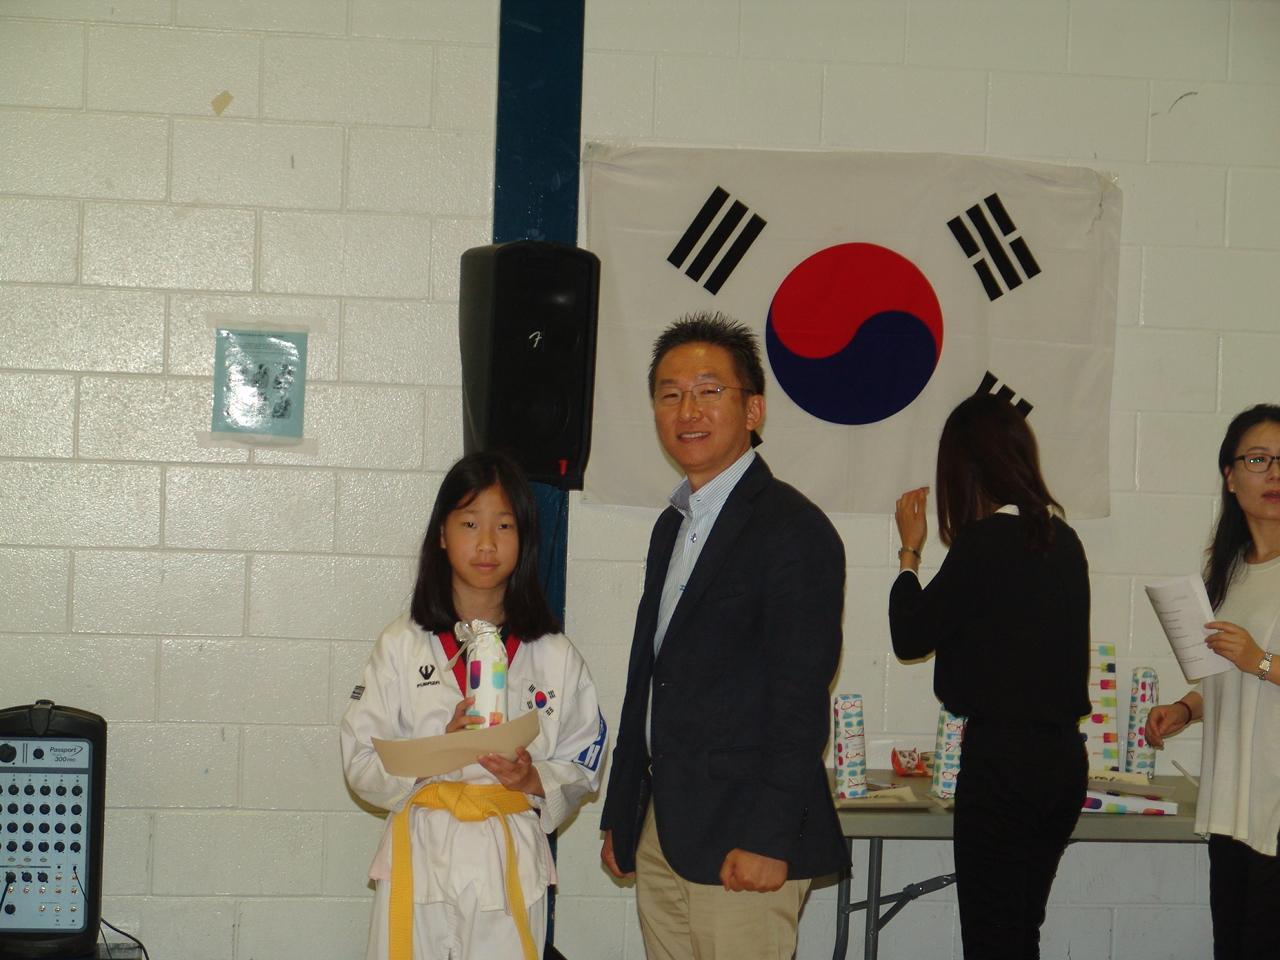 3-5 백일장 장려상 심윤서 Yoonseo Sim Creative Writing Third Prize.JPG